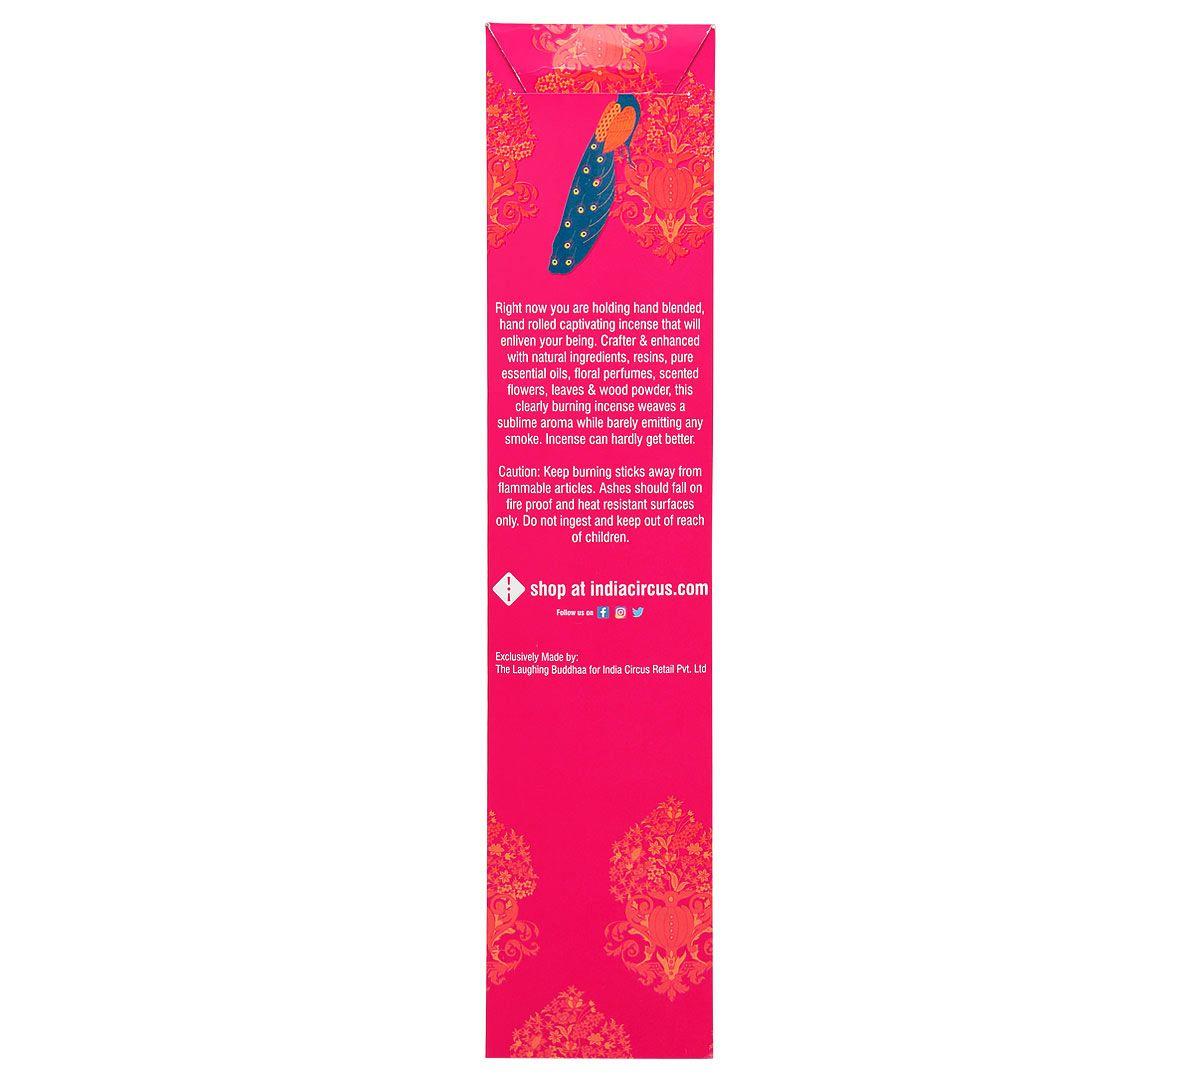 India Circus Honey Rose Incense Stick